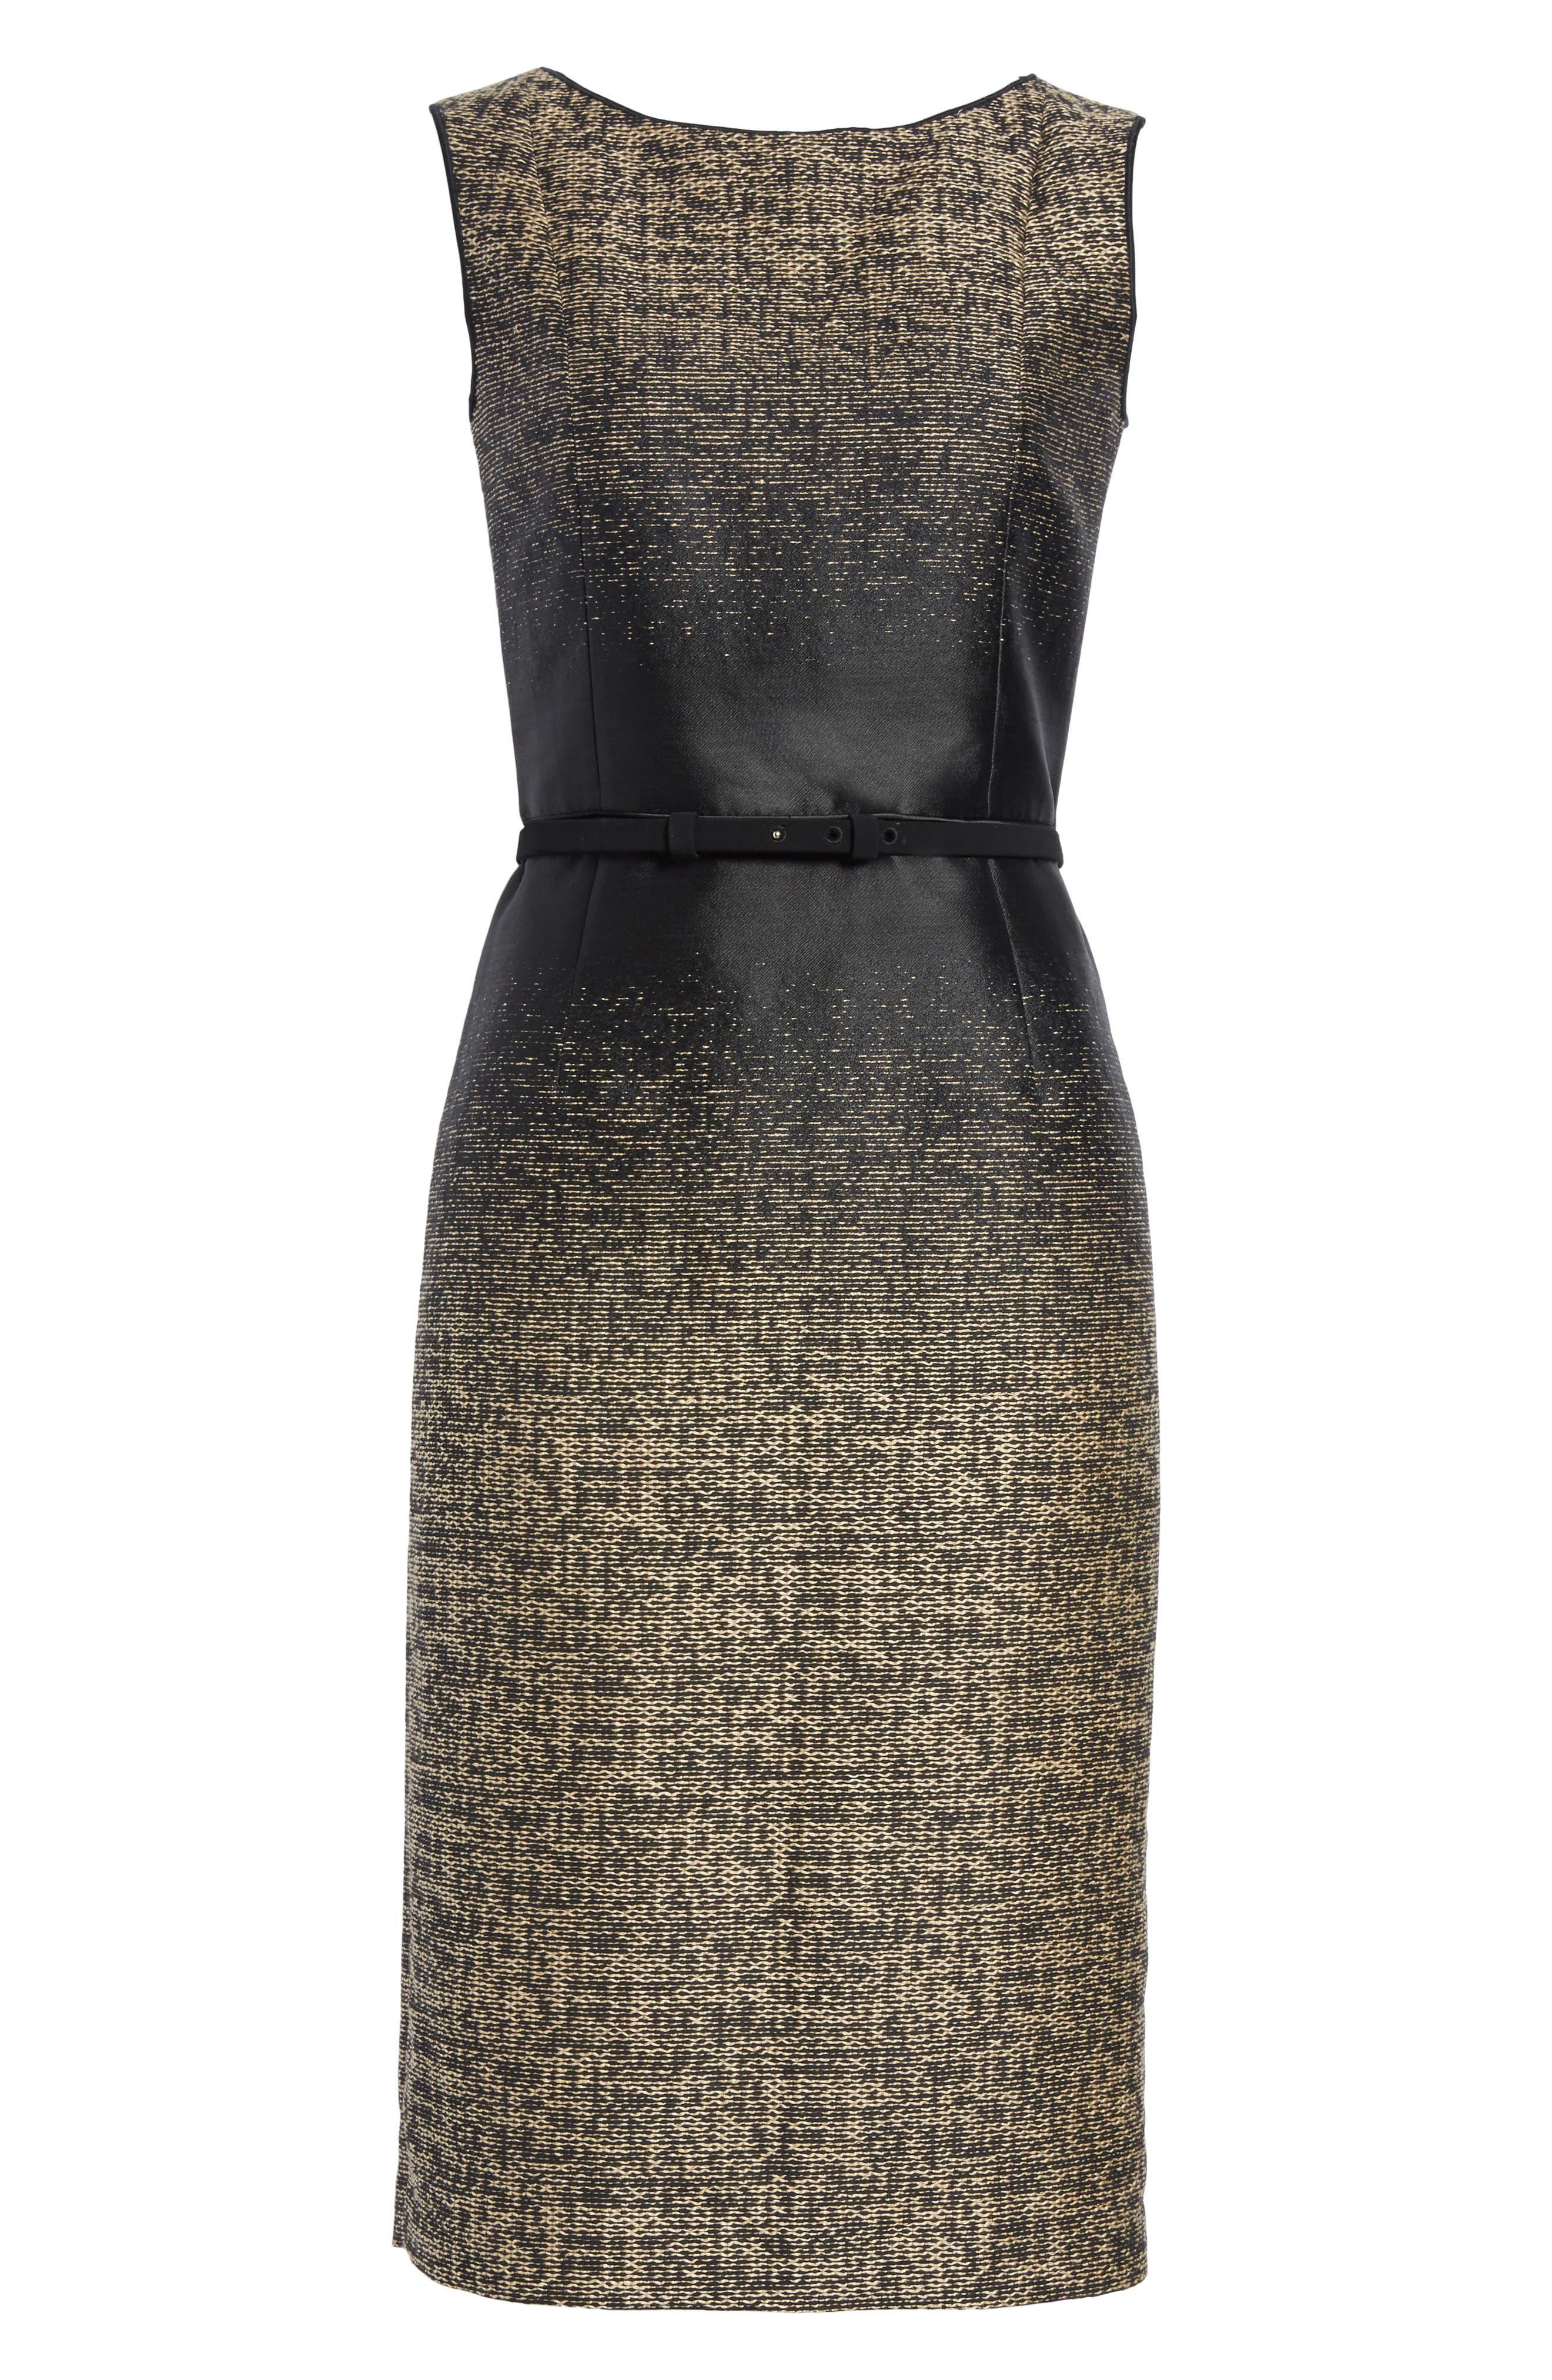 Paulette Jacquard Sheath Dress,                             Alternate thumbnail 6, color,                             001